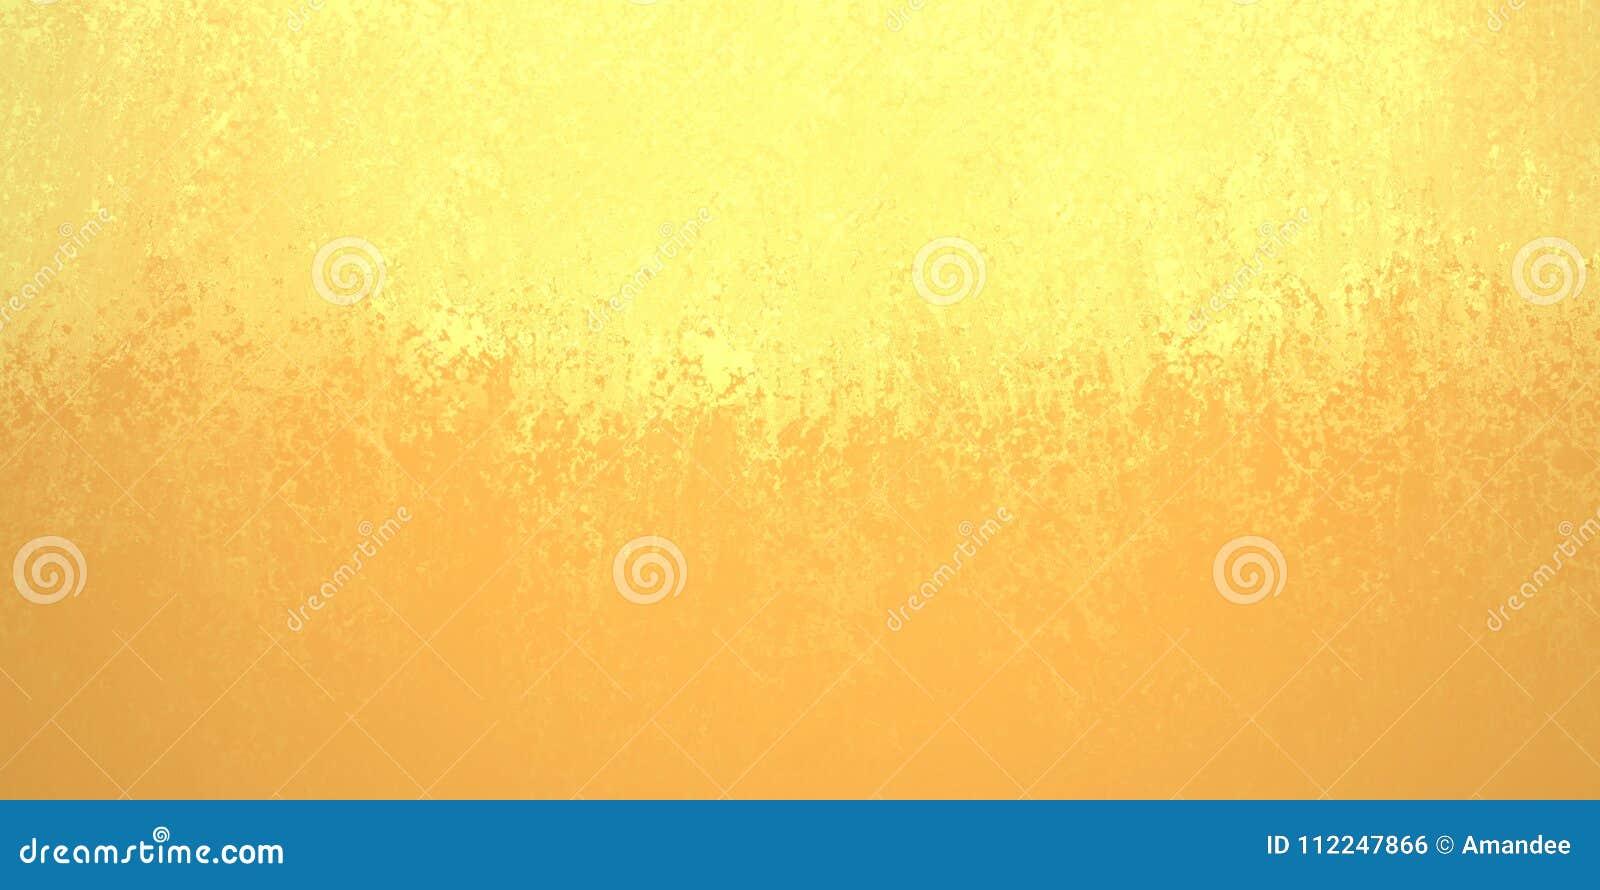 Abstraktes gelbes Goldhintergrunddesign, Grenze hat dunklere orange Farbränder